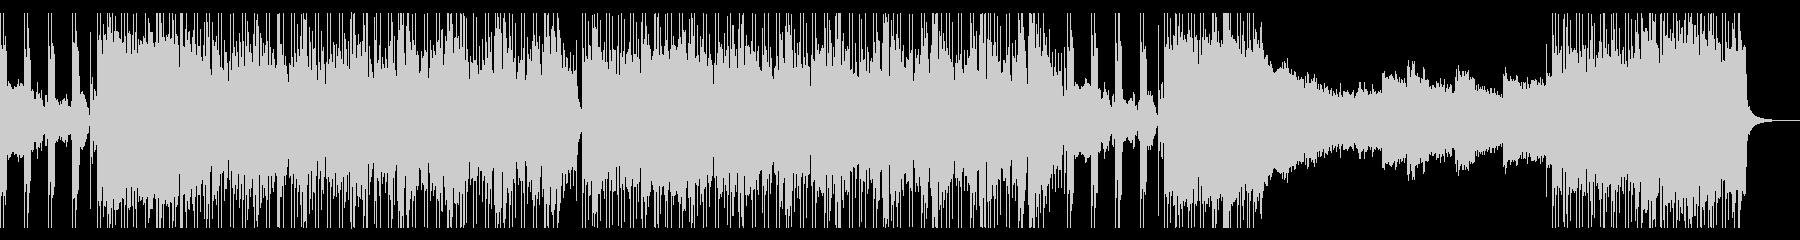 YAKUZAの未再生の波形